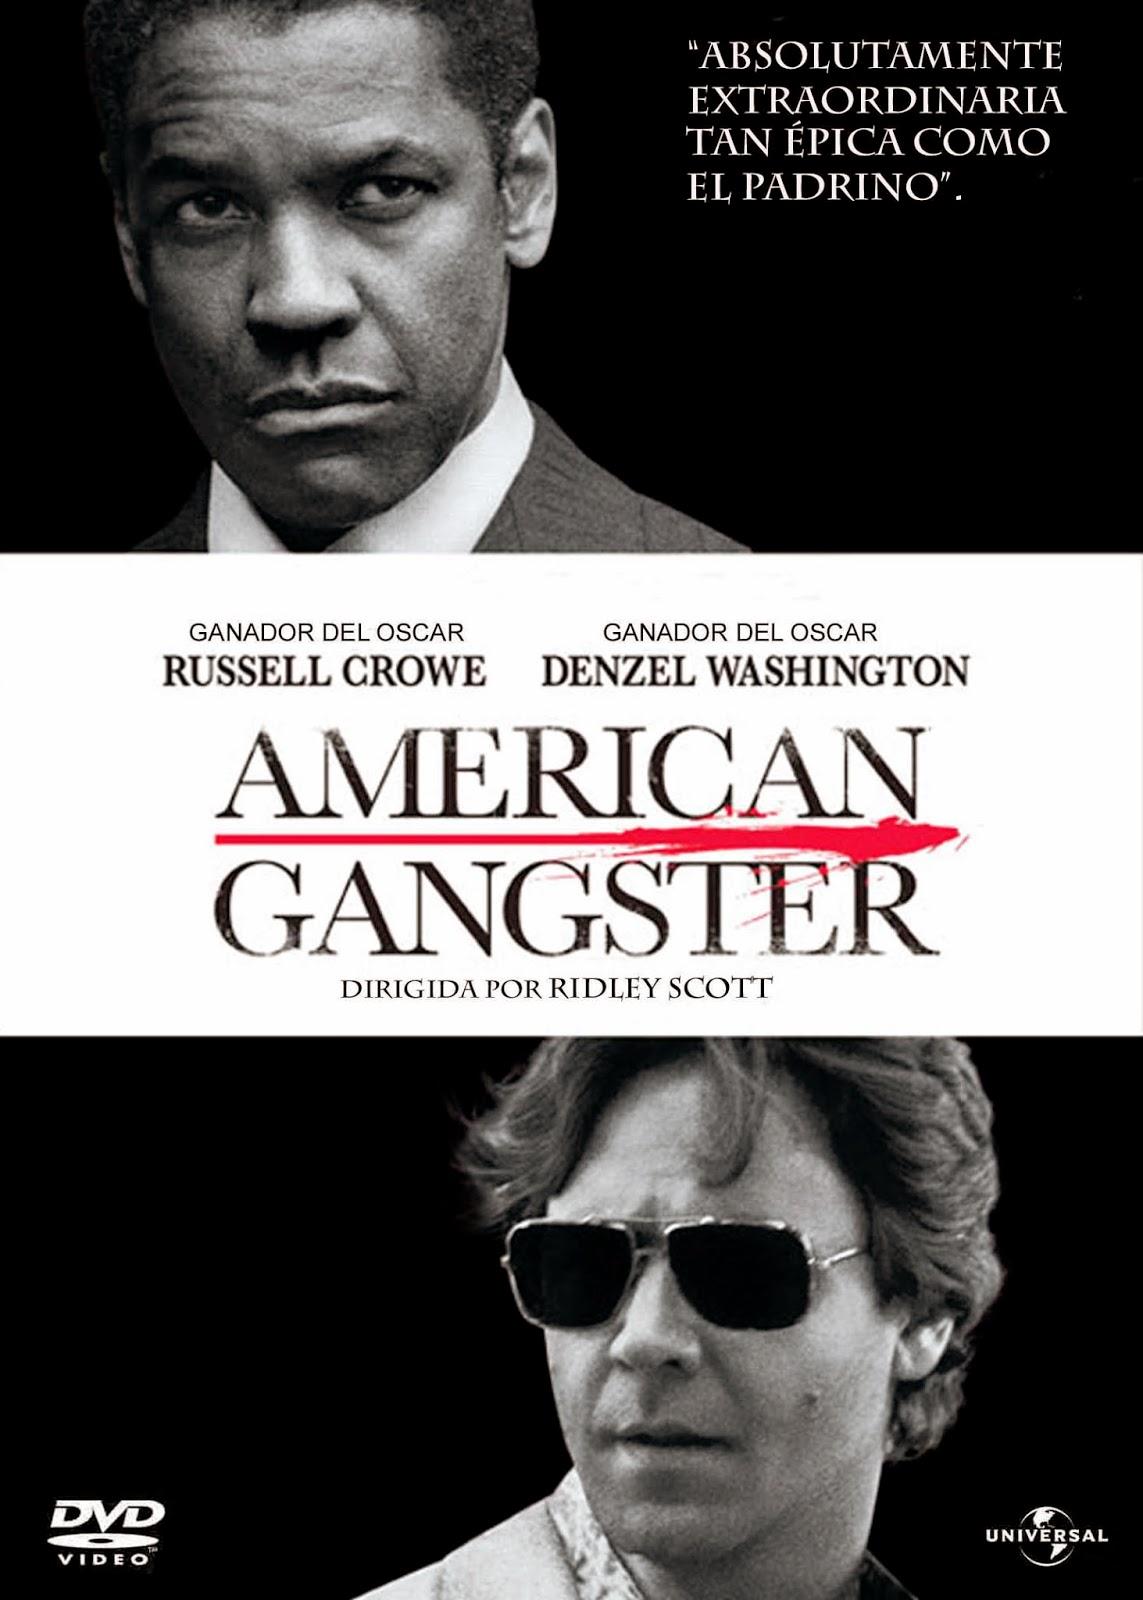 Ganster Americano – DVDRIP LATINO